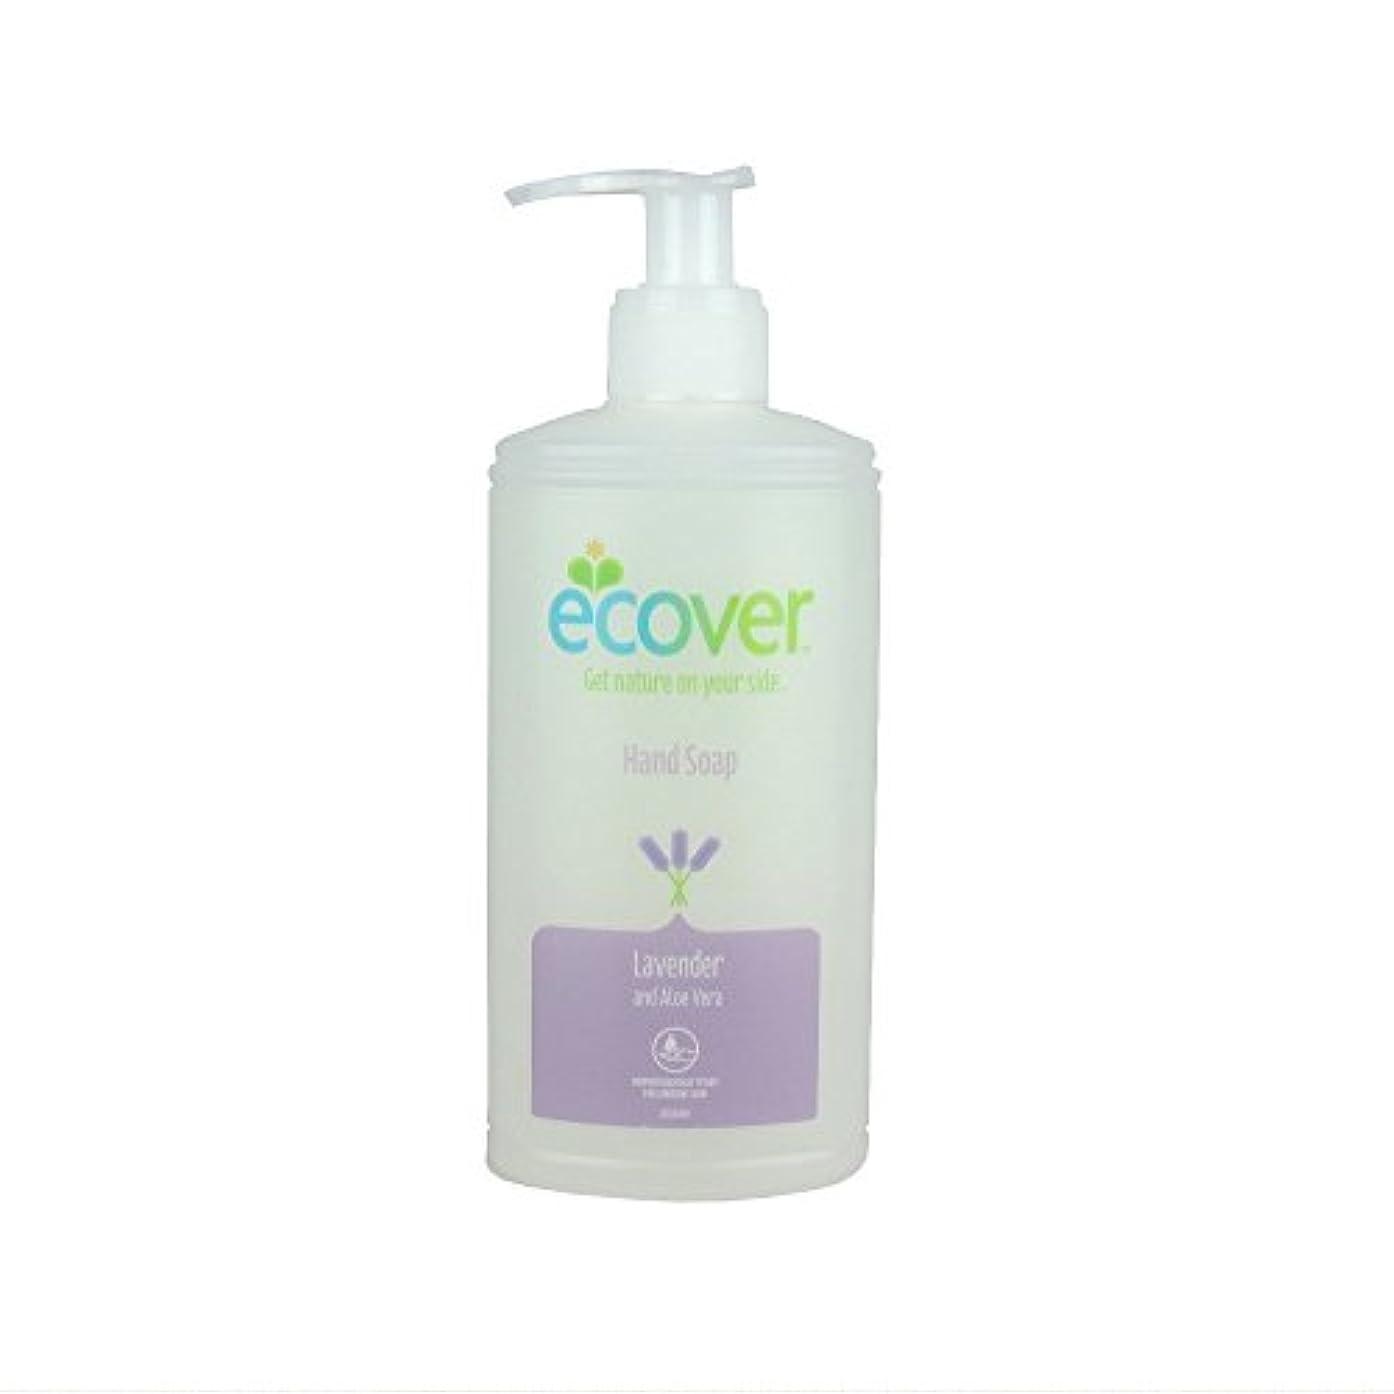 タクシー狭いマーティンルーサーキングジュニアEcover Liquid Hand Soap Lavender & Aloe Vera (250ml) 液体ハンドソープラベンダーとアロエベラ( 250ミリリットル)をエコベール